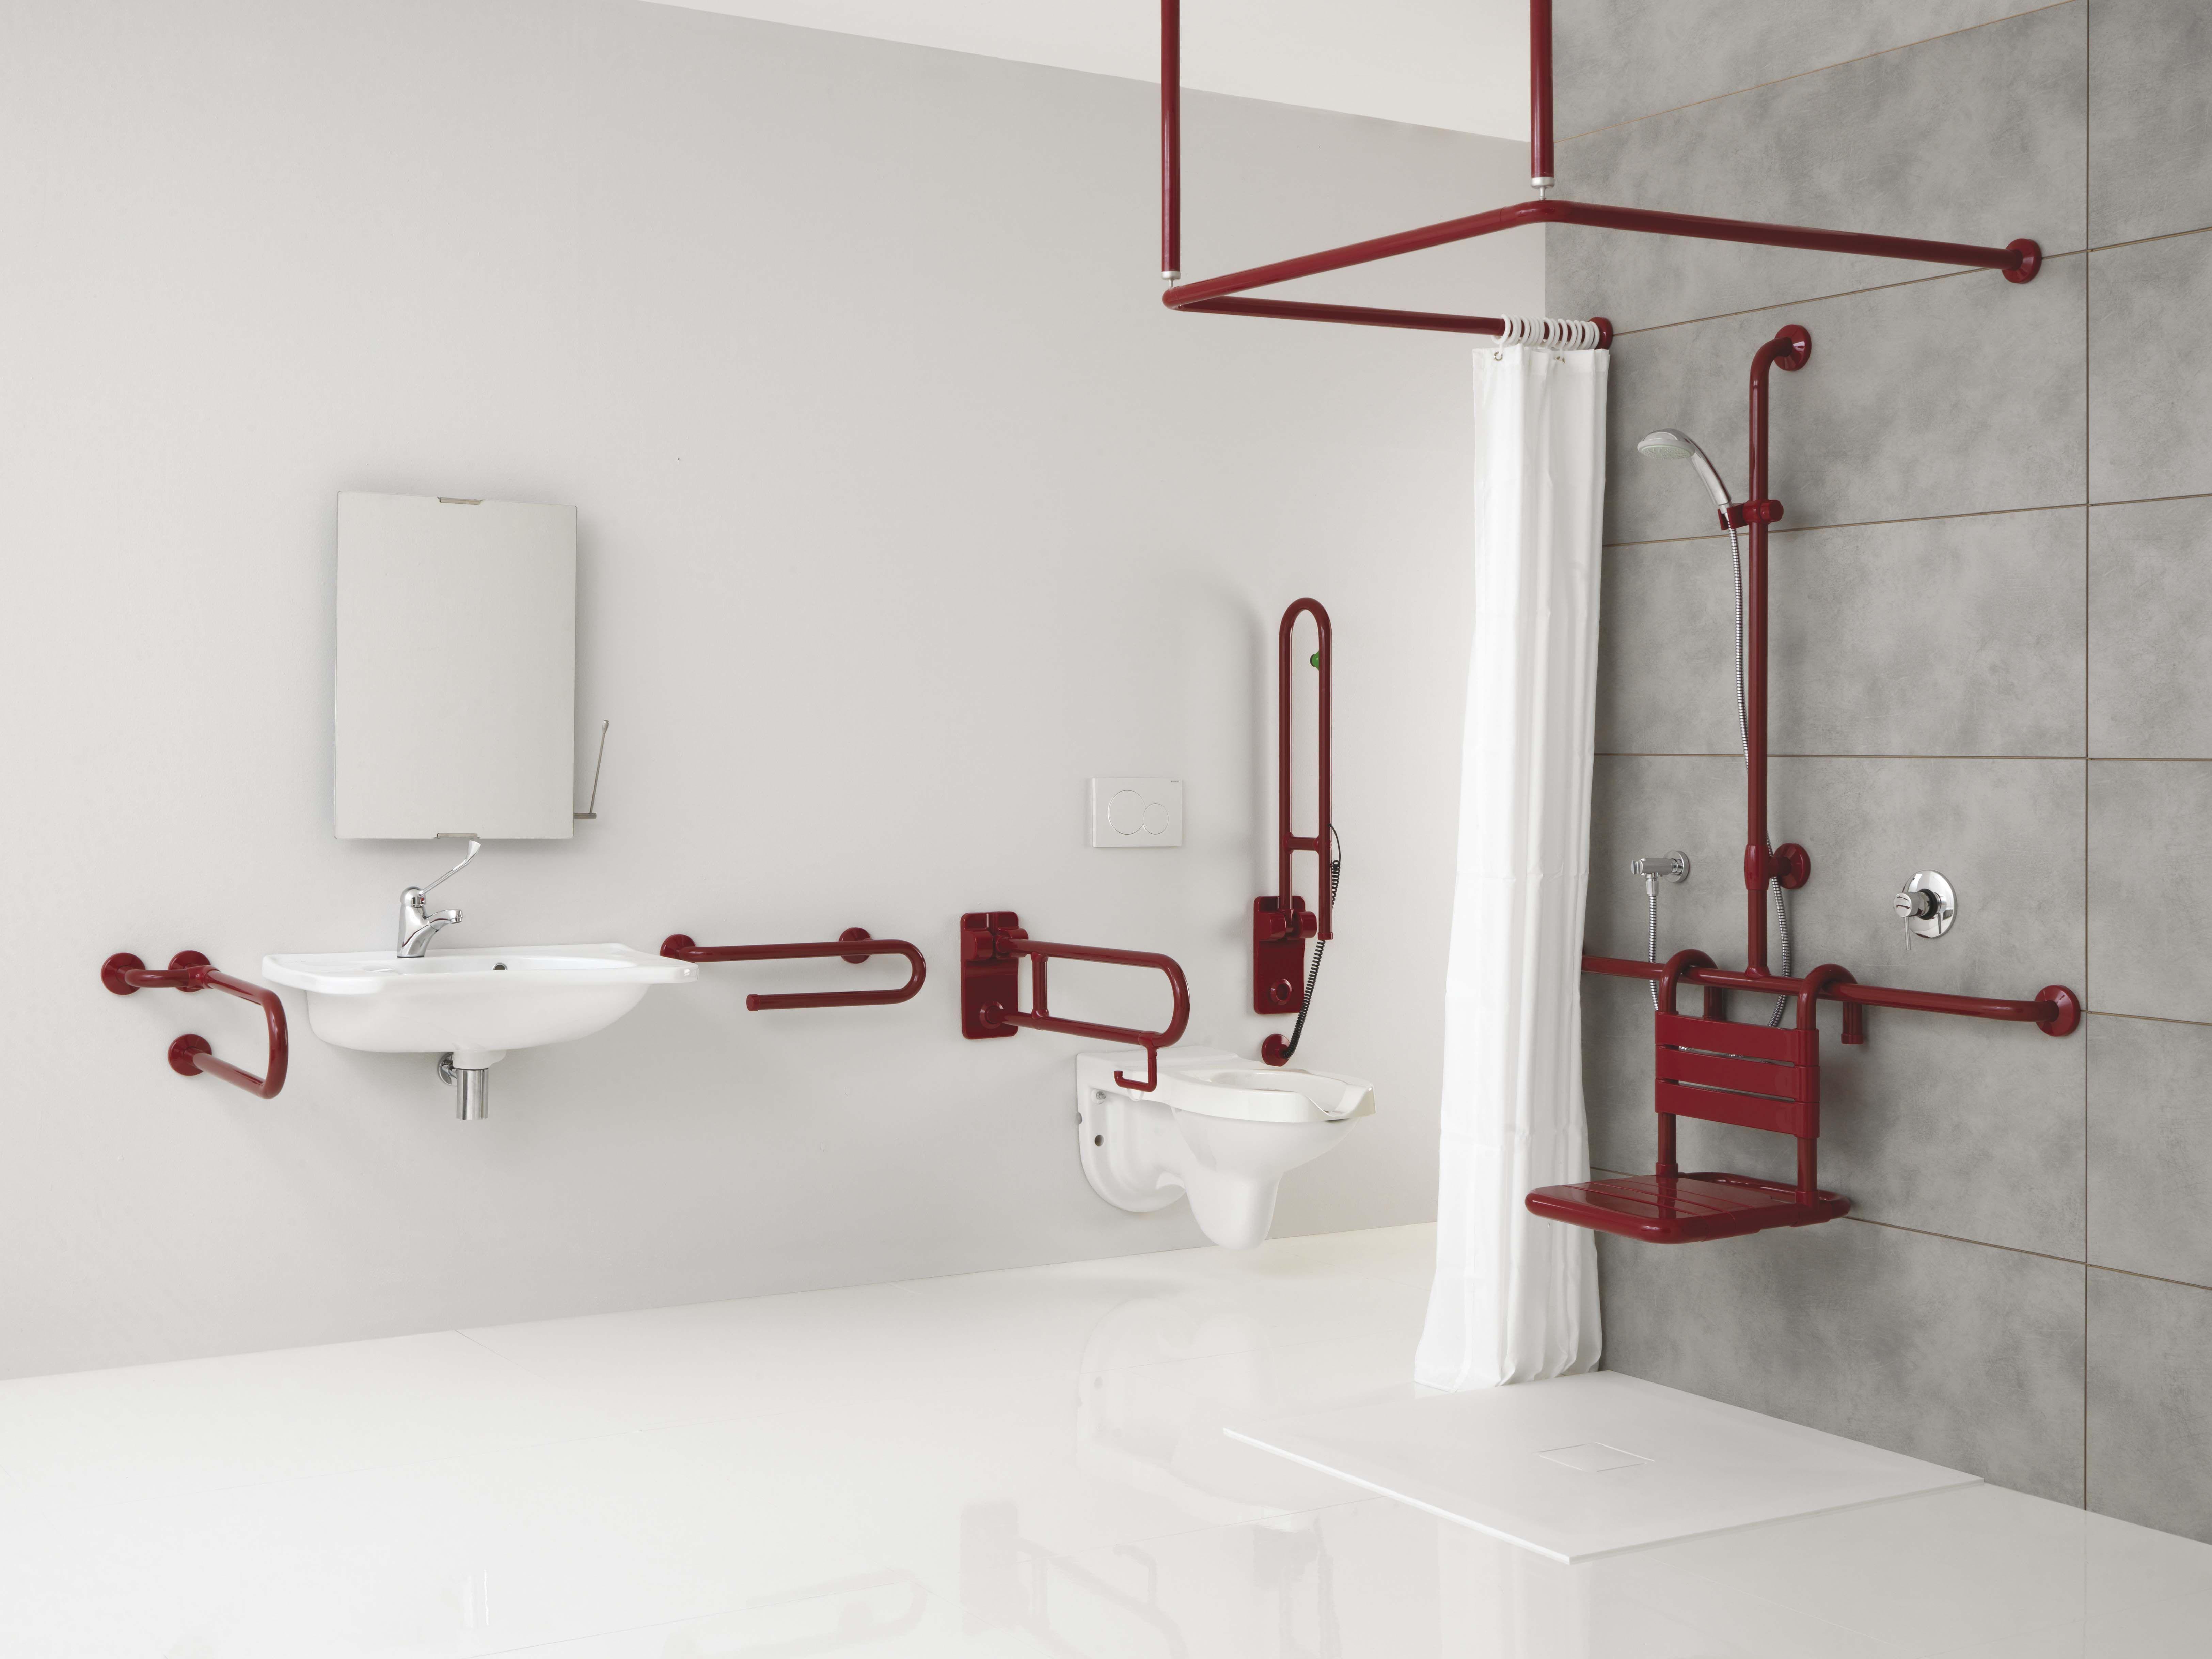 Bagno Handicap ~ Ambiente bagno sicuro cura